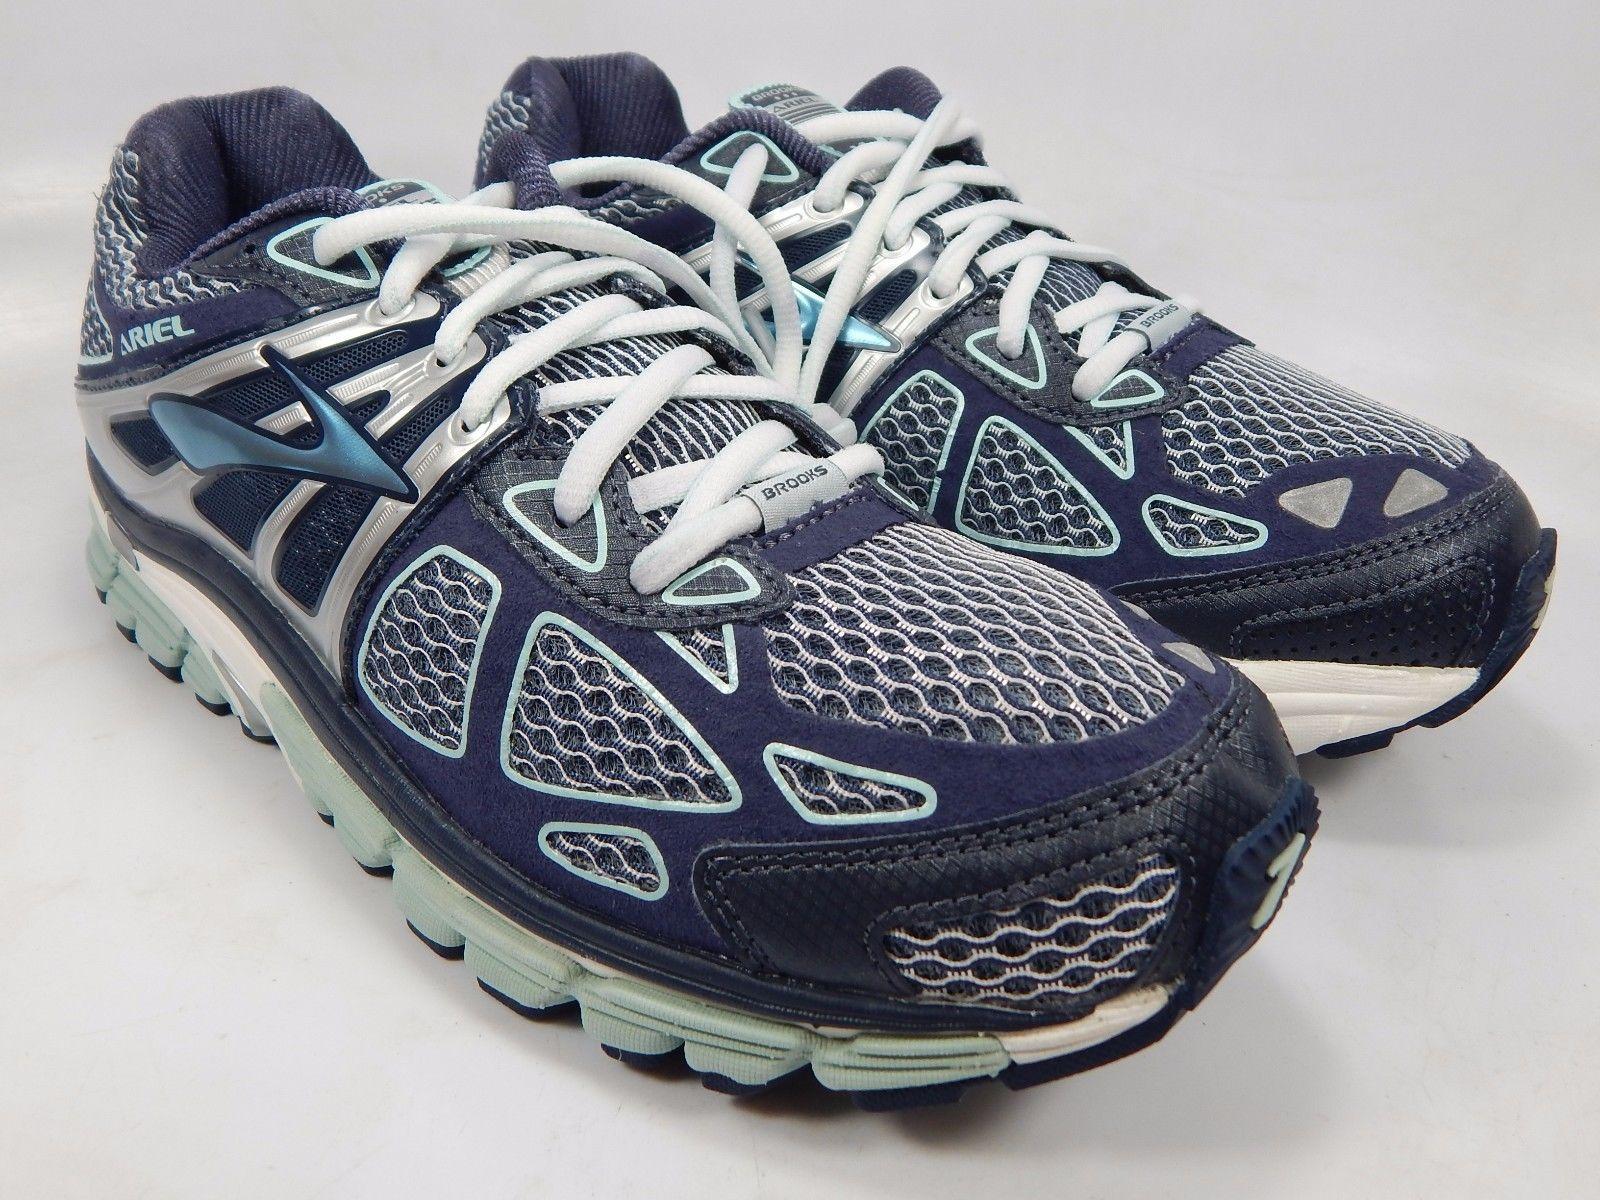 df27d1d5769b0 Brooks Ariel 14 Women s Running Shoes Size US 8 M (B) EU 39 Blue 1201641B399